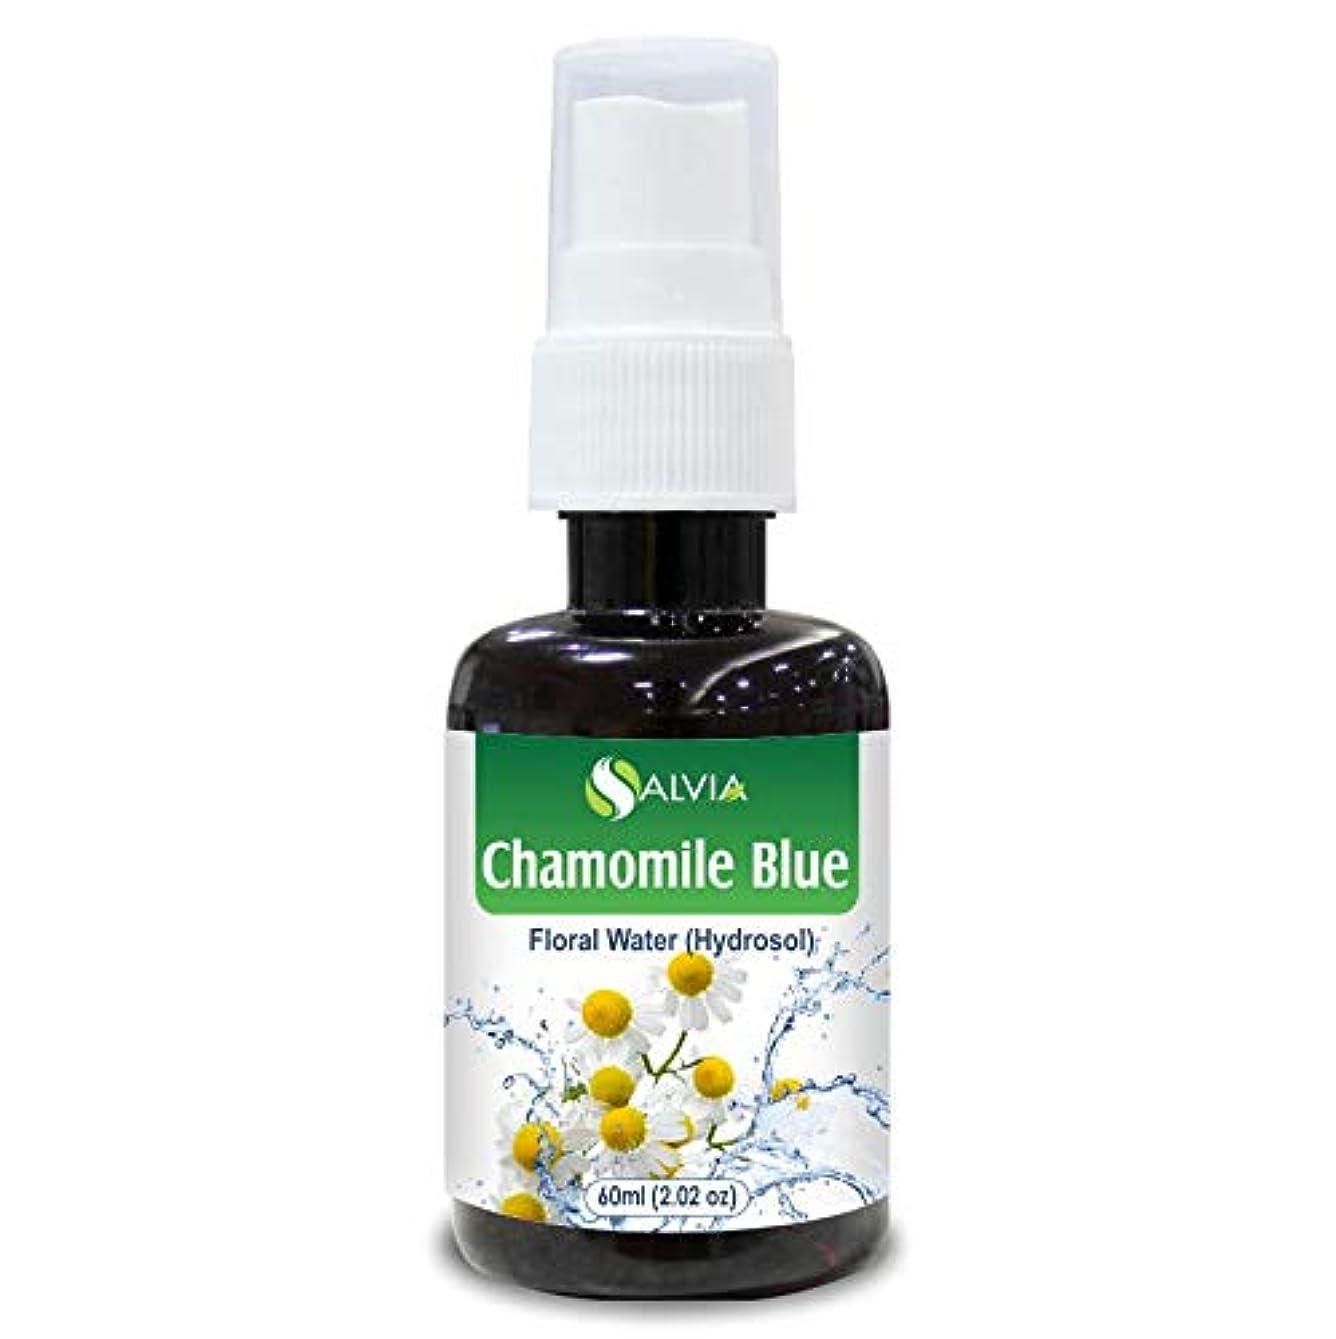 ジョブ司教どれでもChamomile Oil, Blue Floral Water 60ml (Hydrosol) 100% Pure And Natural